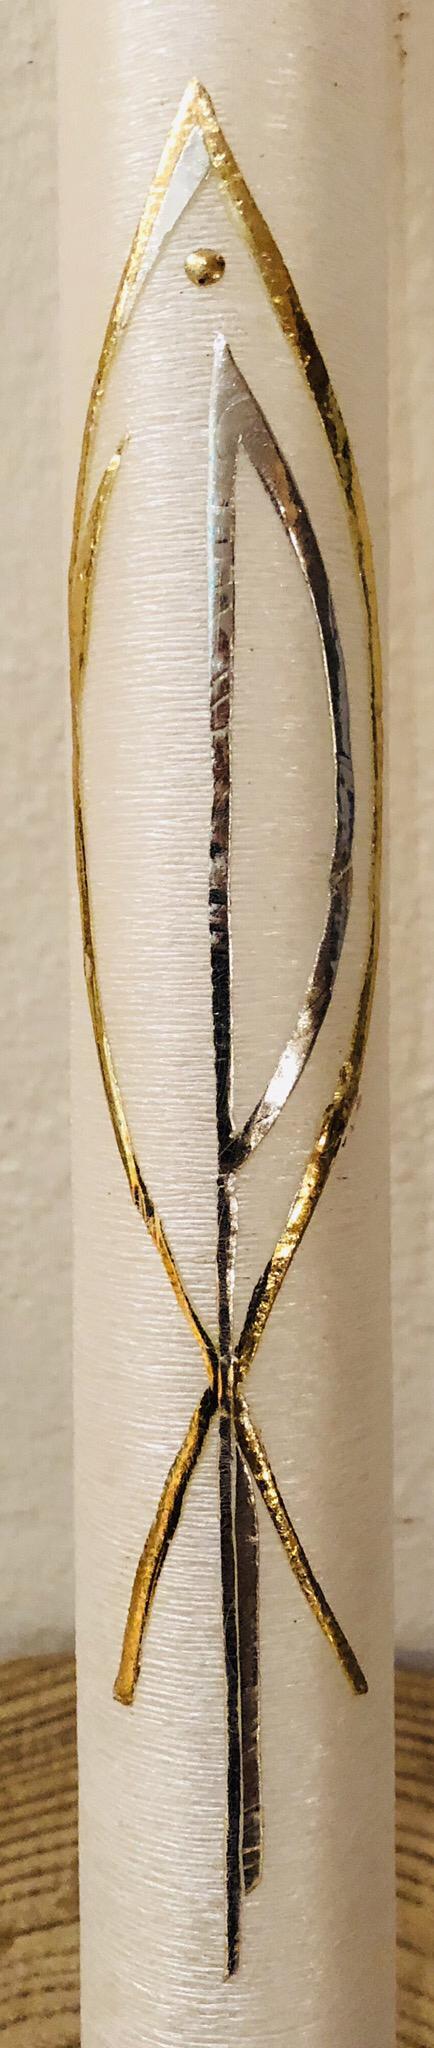 Kerze Taufe, perlmutt geriffelt, mit Fisch und Pax-Zeichen, gold/silber, Wachs und Blattmetall, kann mit weiteren Verzierelementen versehen werden - gravierfähig